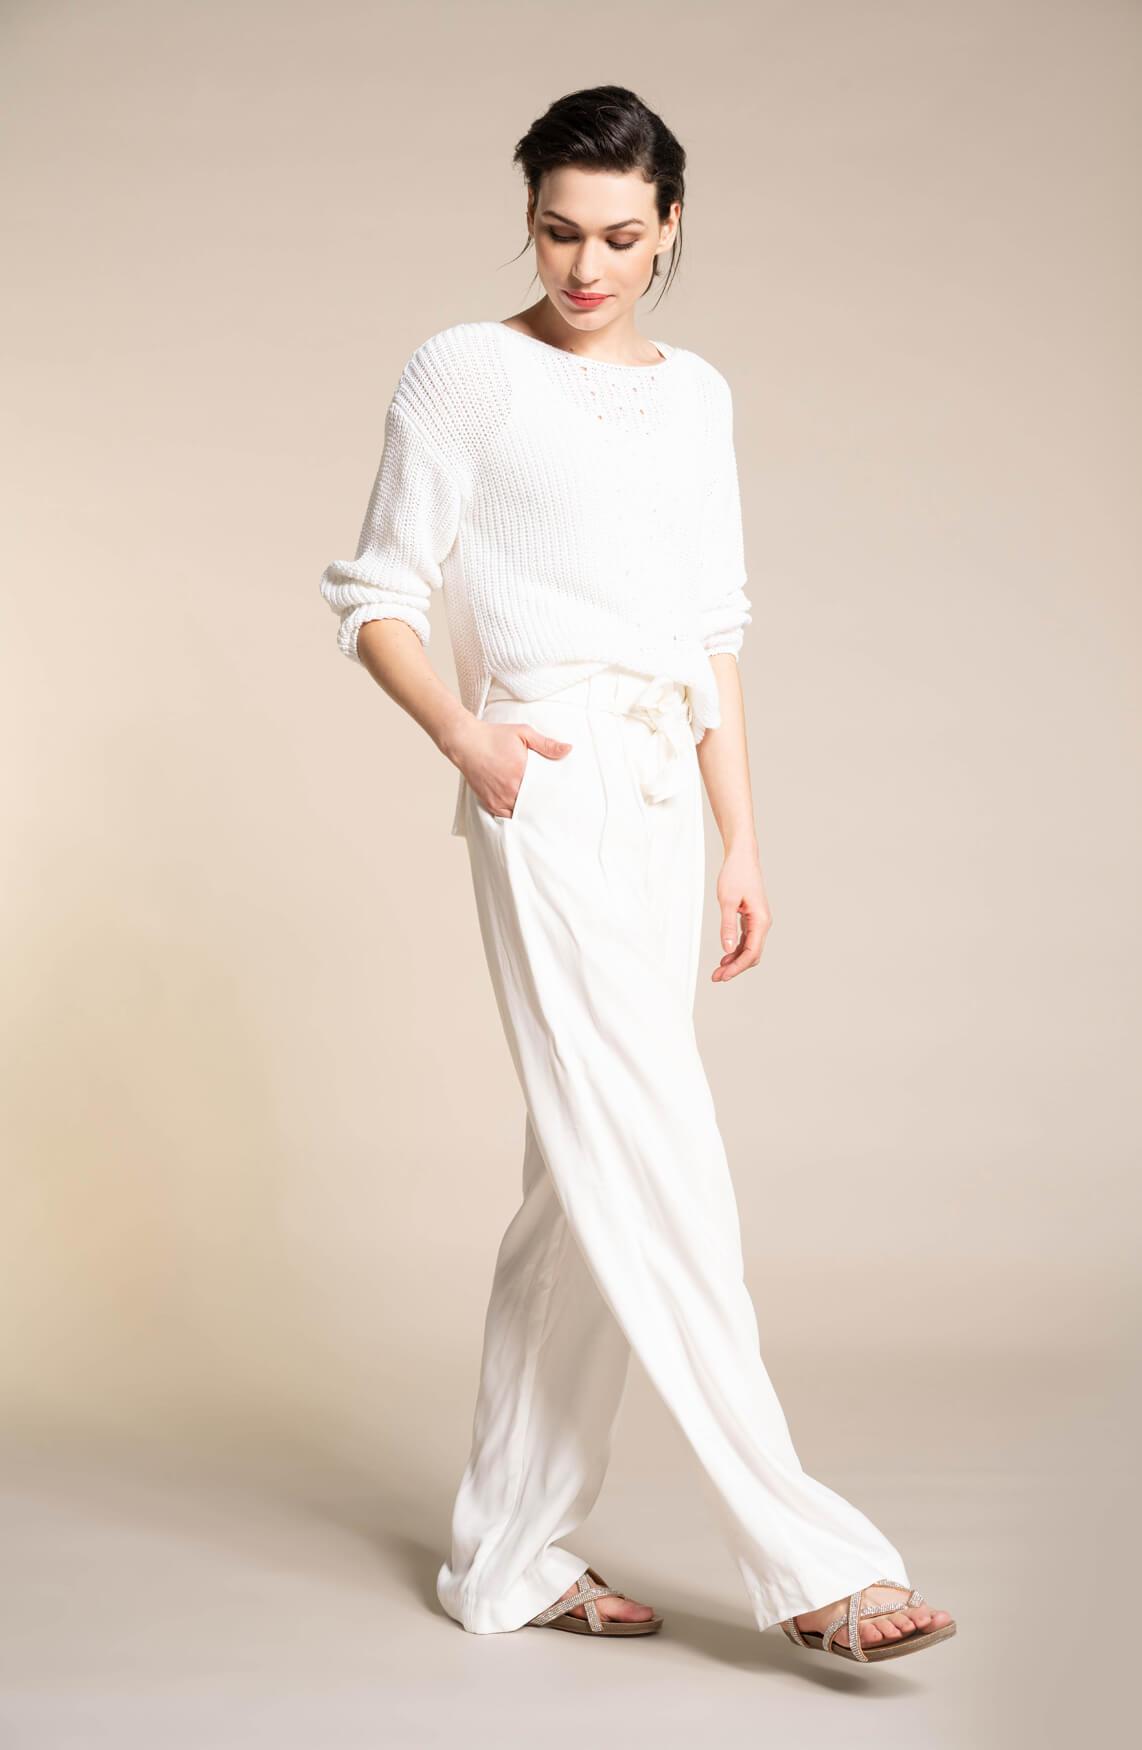 Anna Dames Wijde pantalon wit